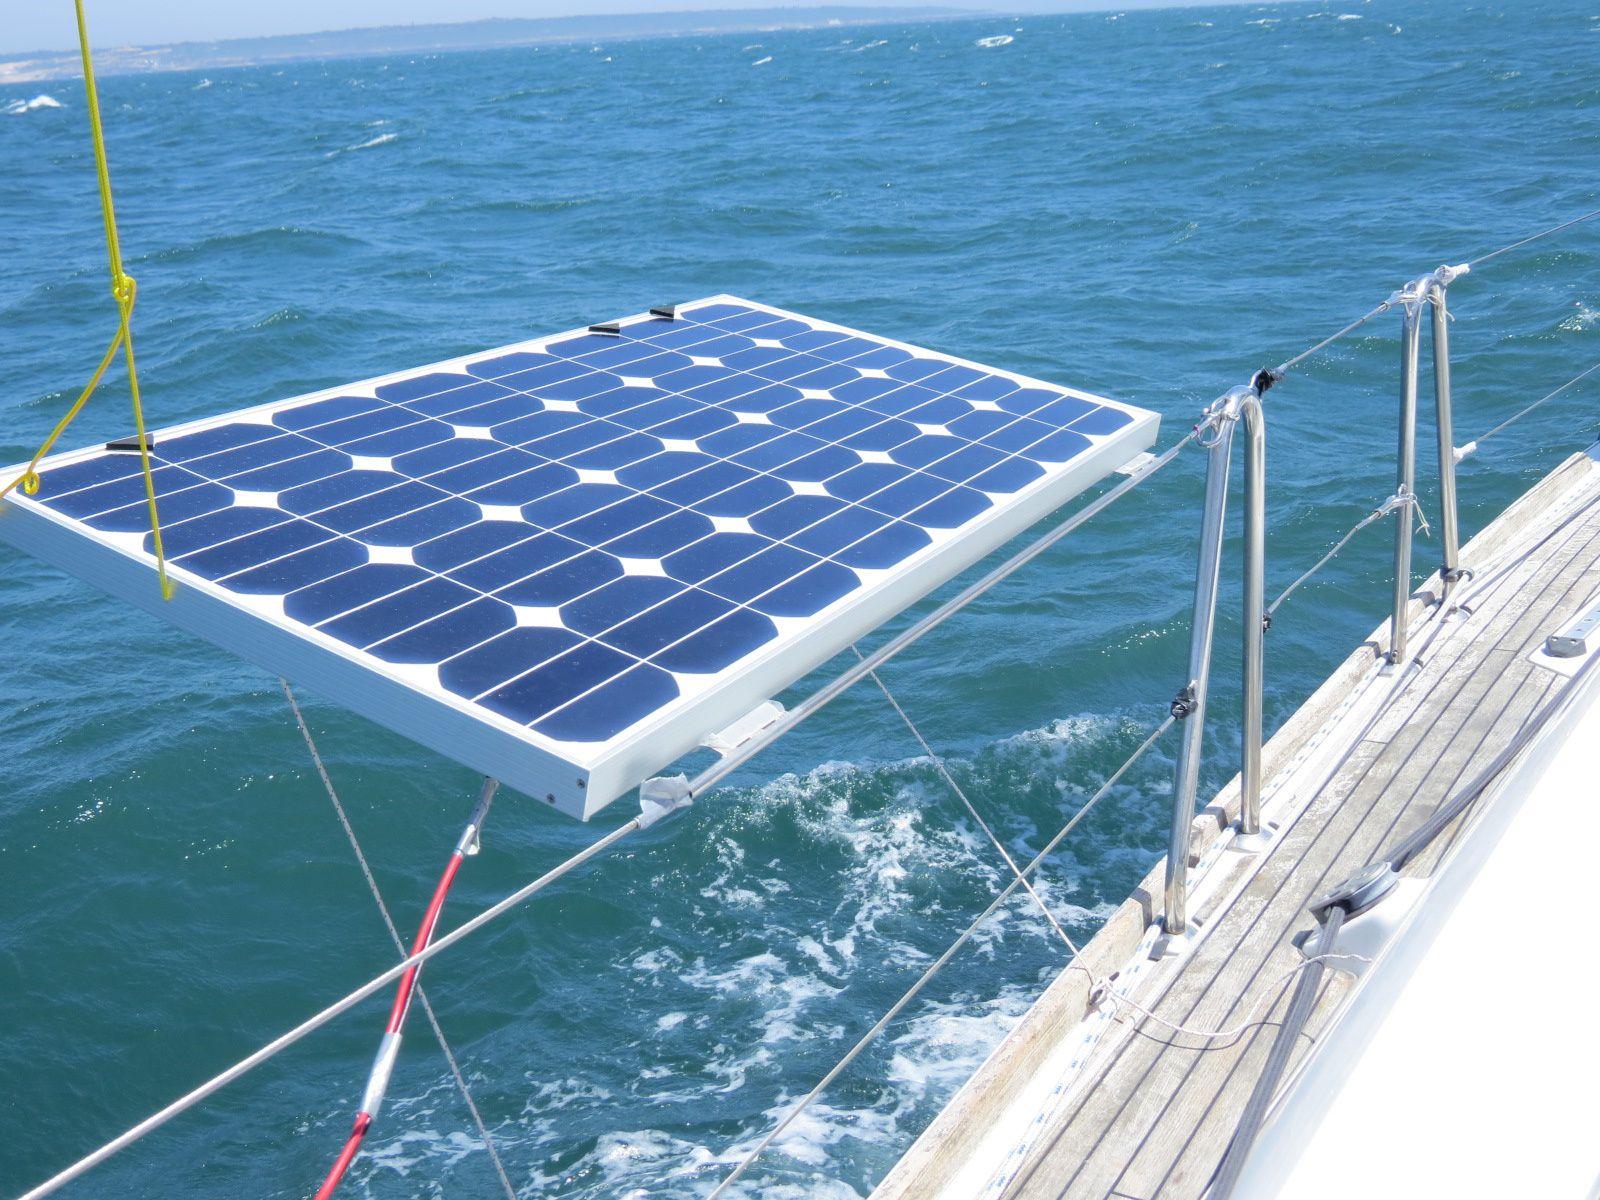 Comment Installer Panneau Japonais installation de panneaux solaires dans les filières - le